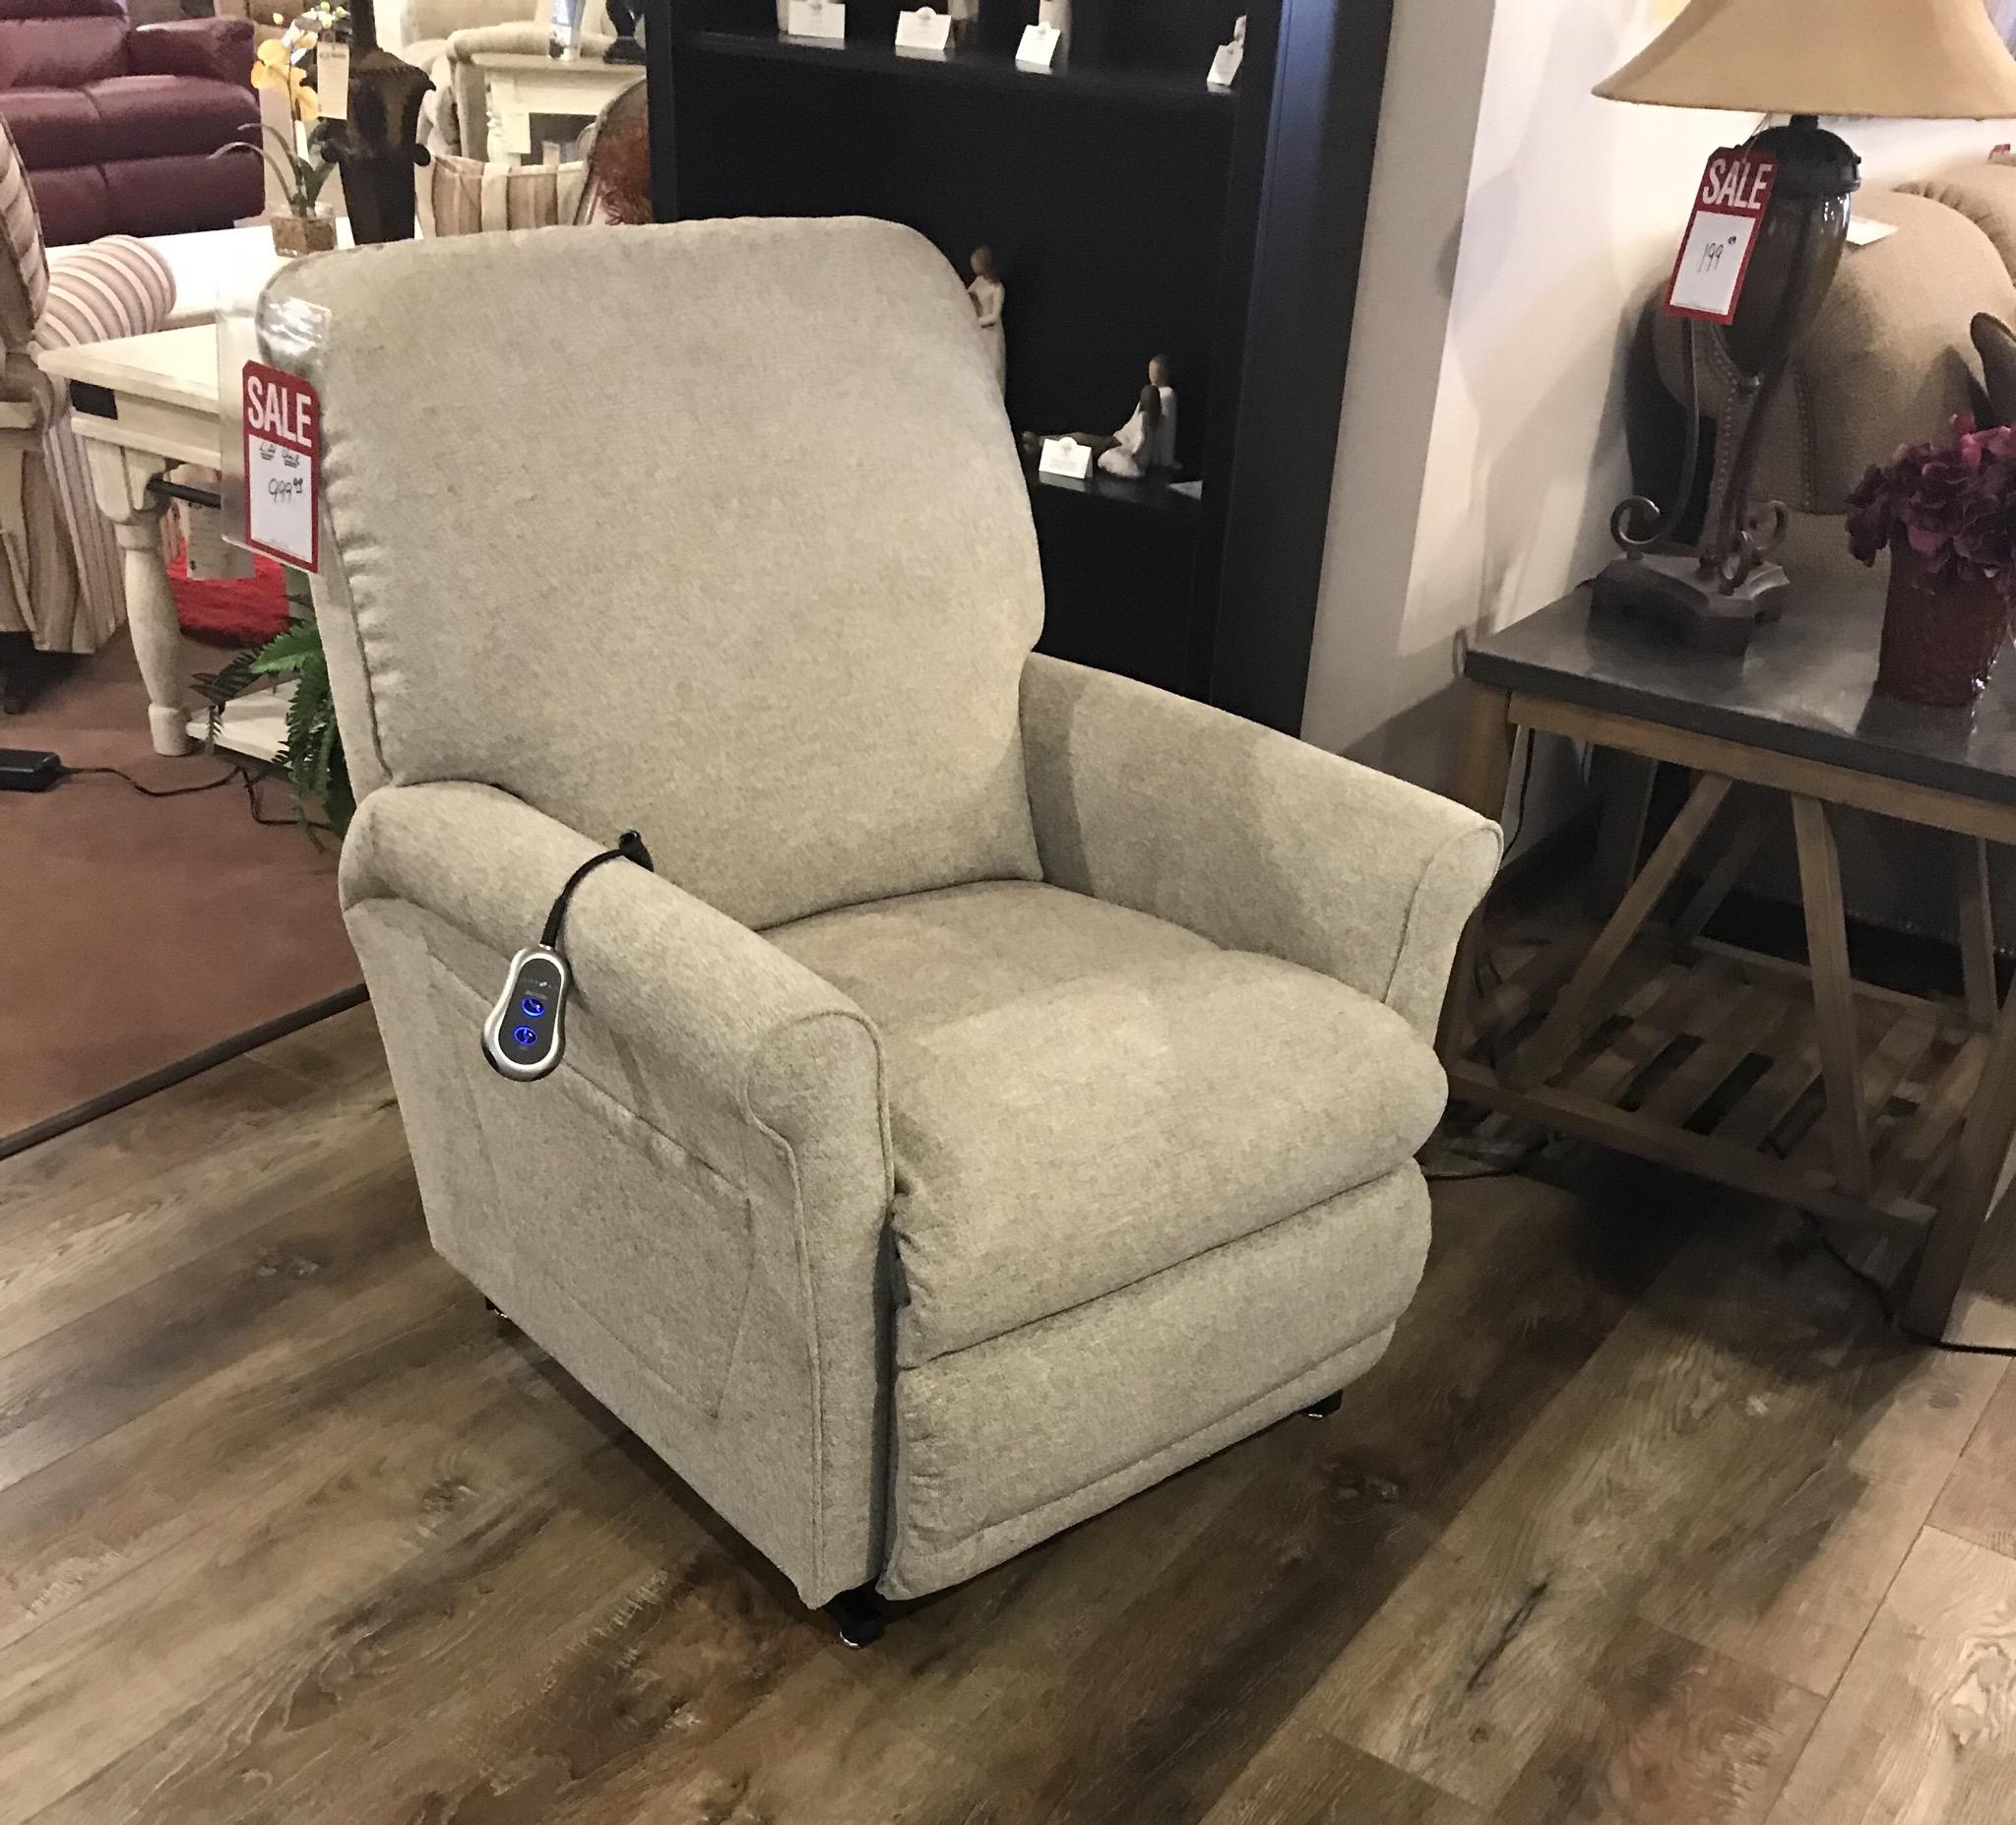 La-Z-Boy Lift chair